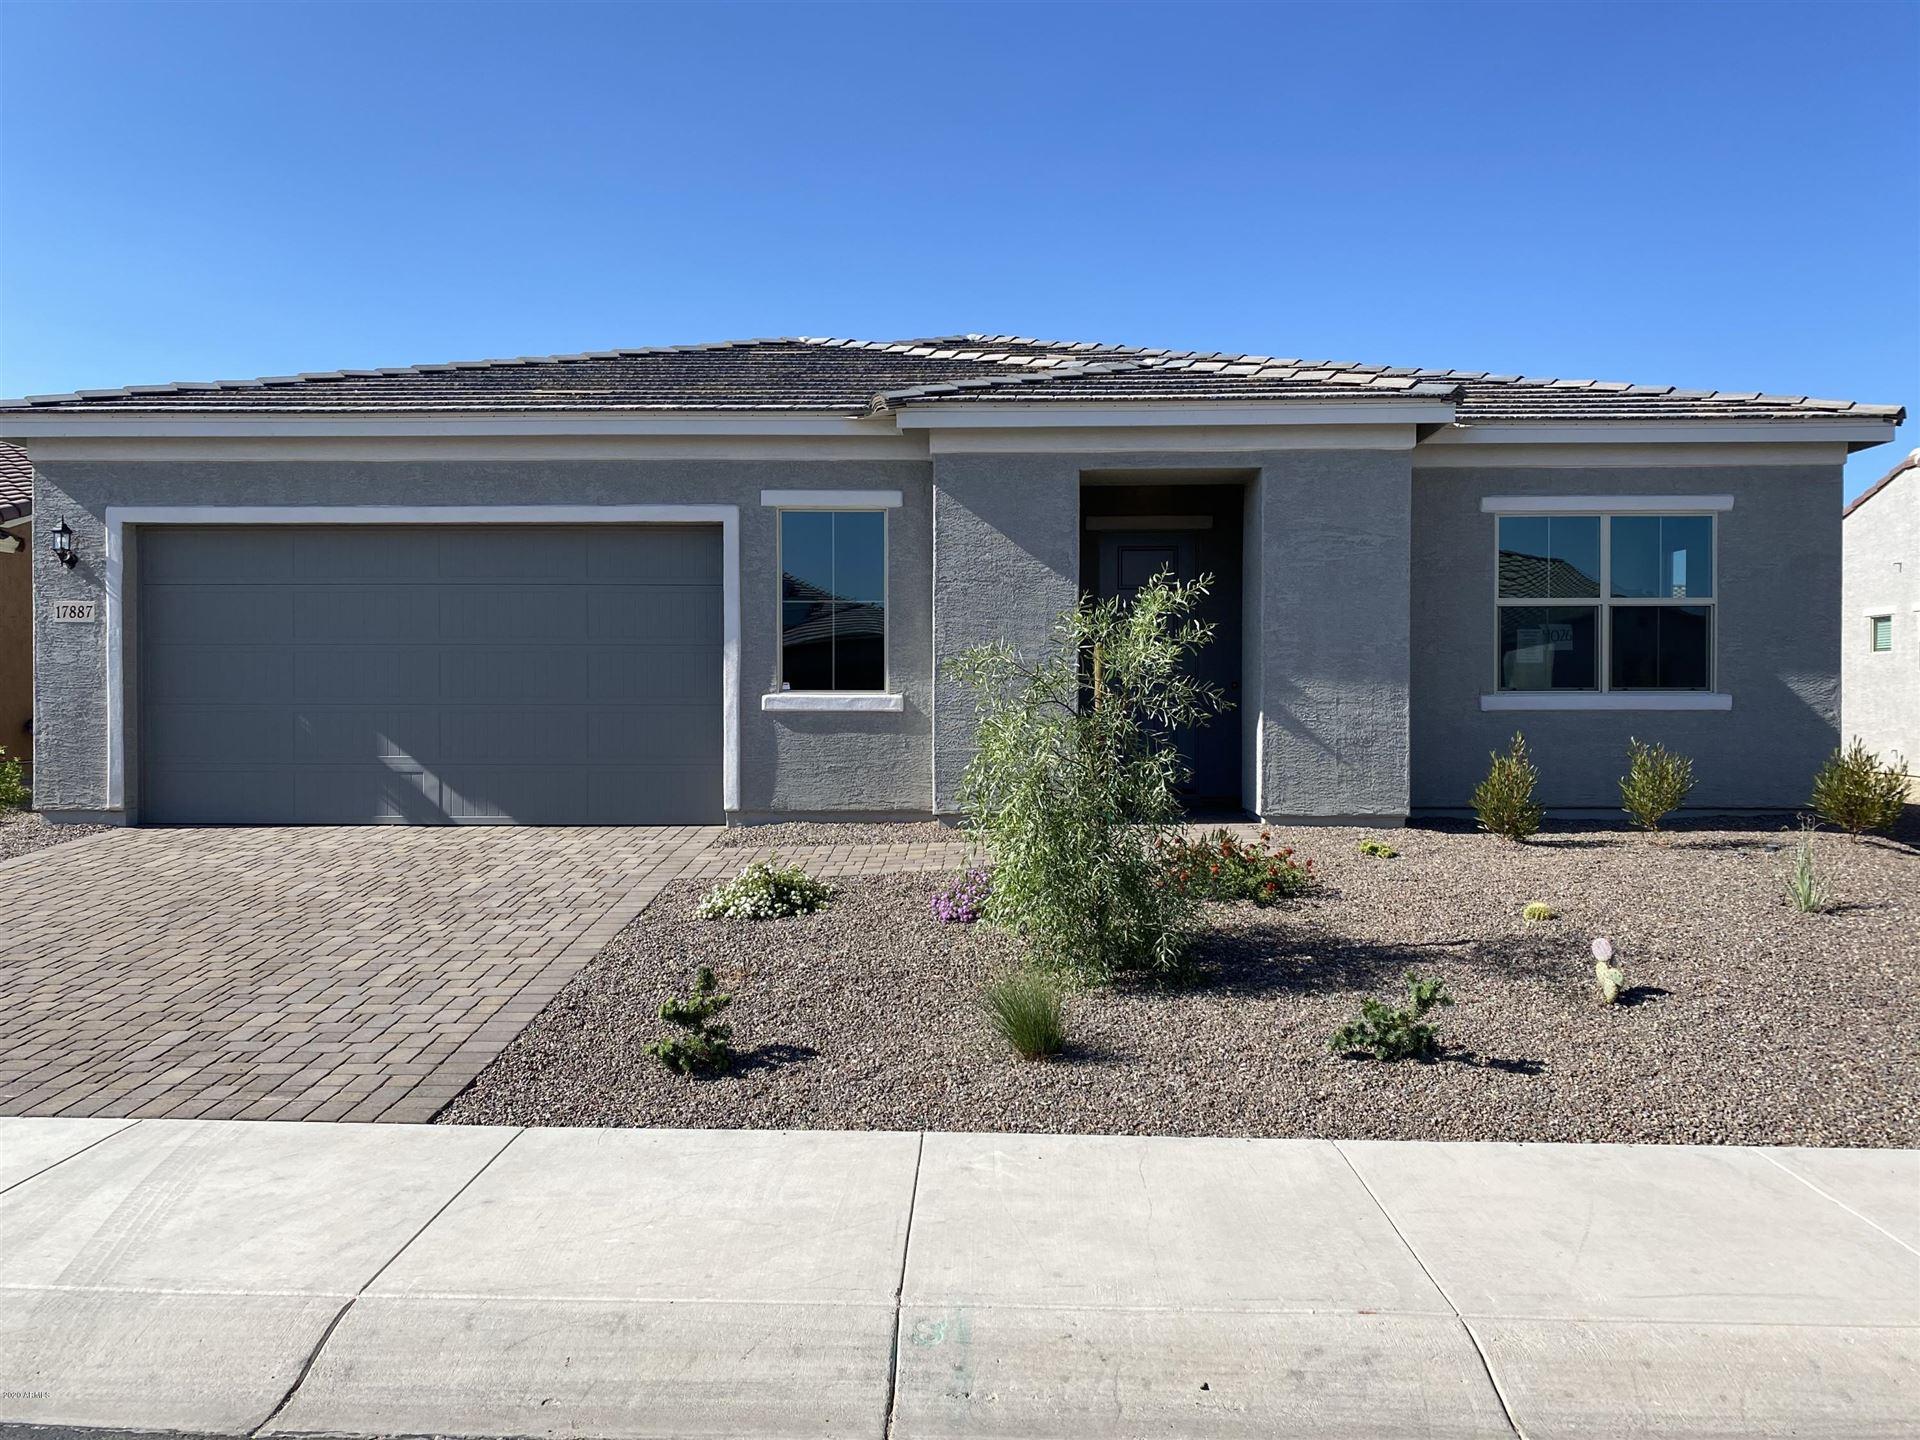 17887 W Briarwood Drive, Goodyear, AZ 85338 - MLS#: 6048598